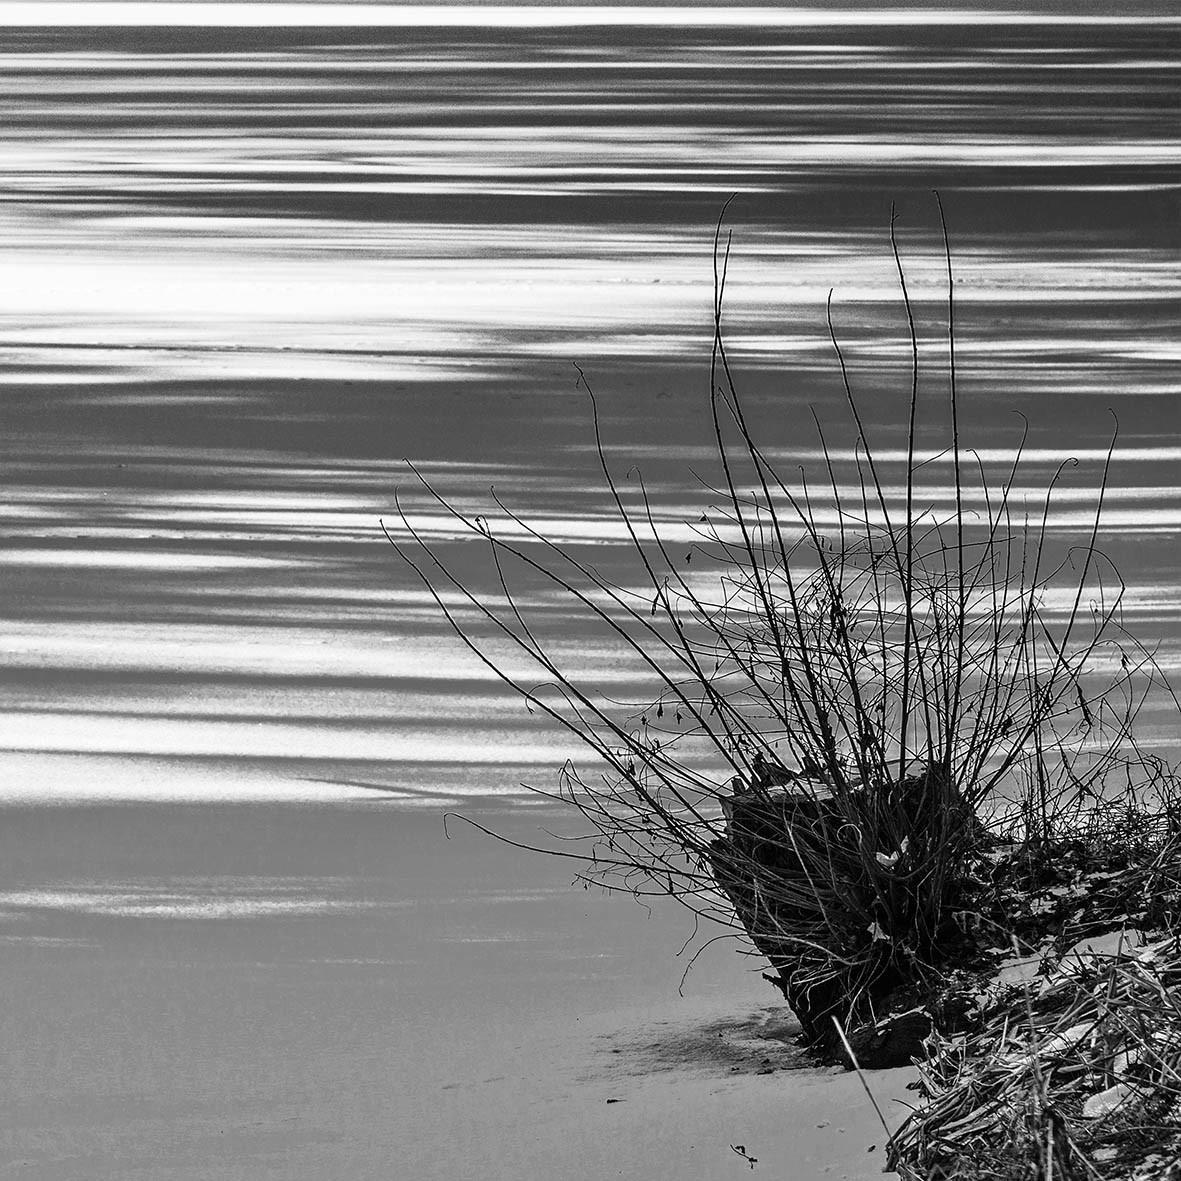 Licht und Schatten am Teich, Teichwanderweg Waldreichs/NÖ